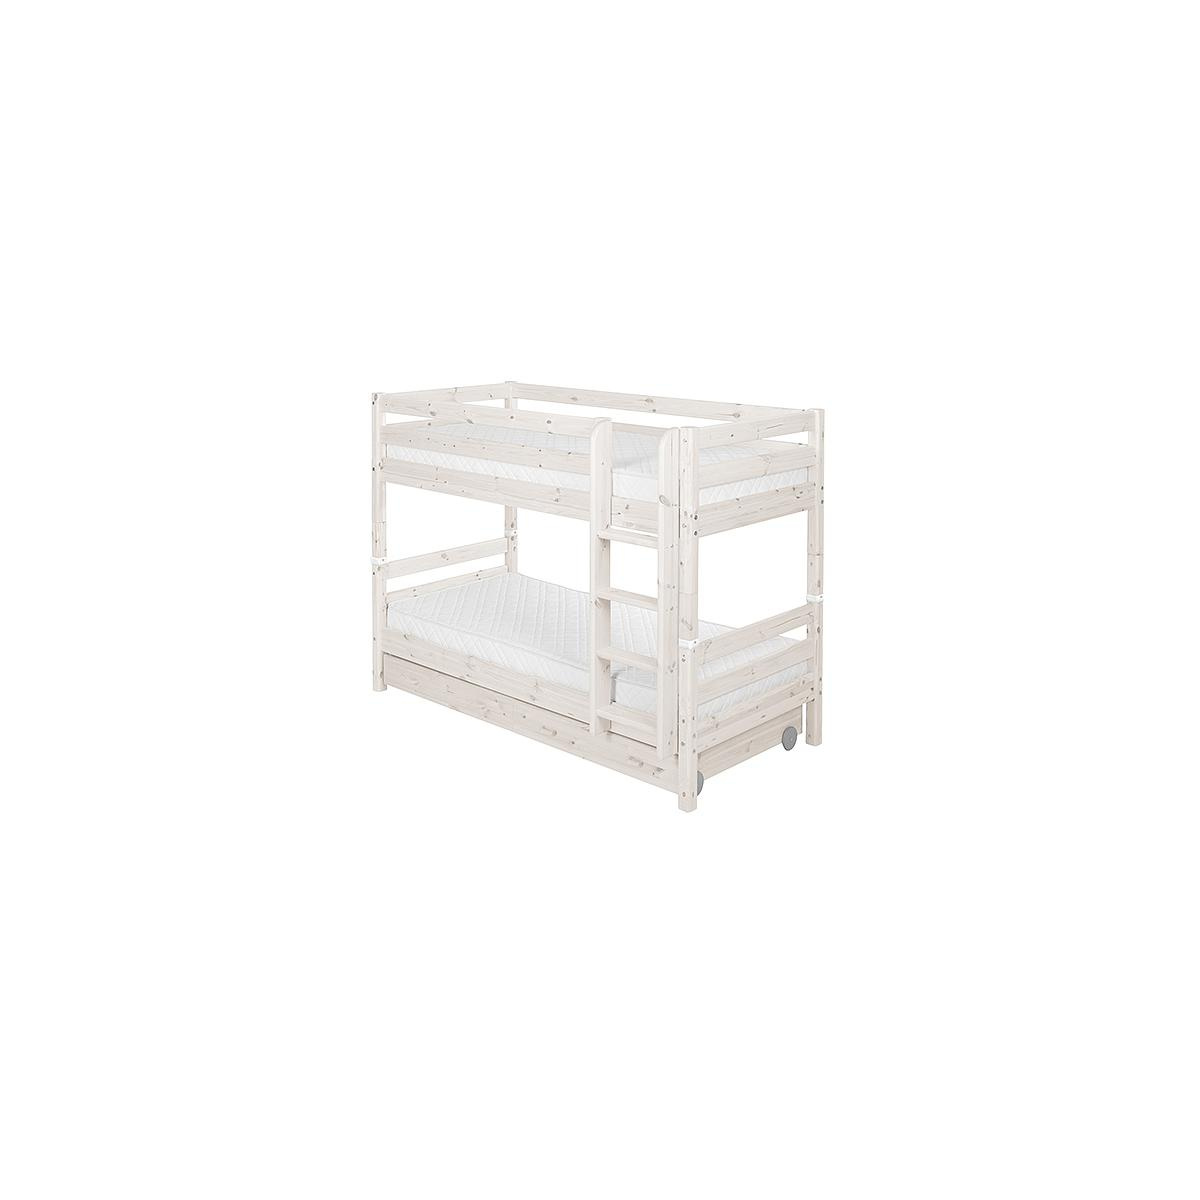 Litera 90x200 CLASSIC Flexa escalera recta 2 cajones blanco cal